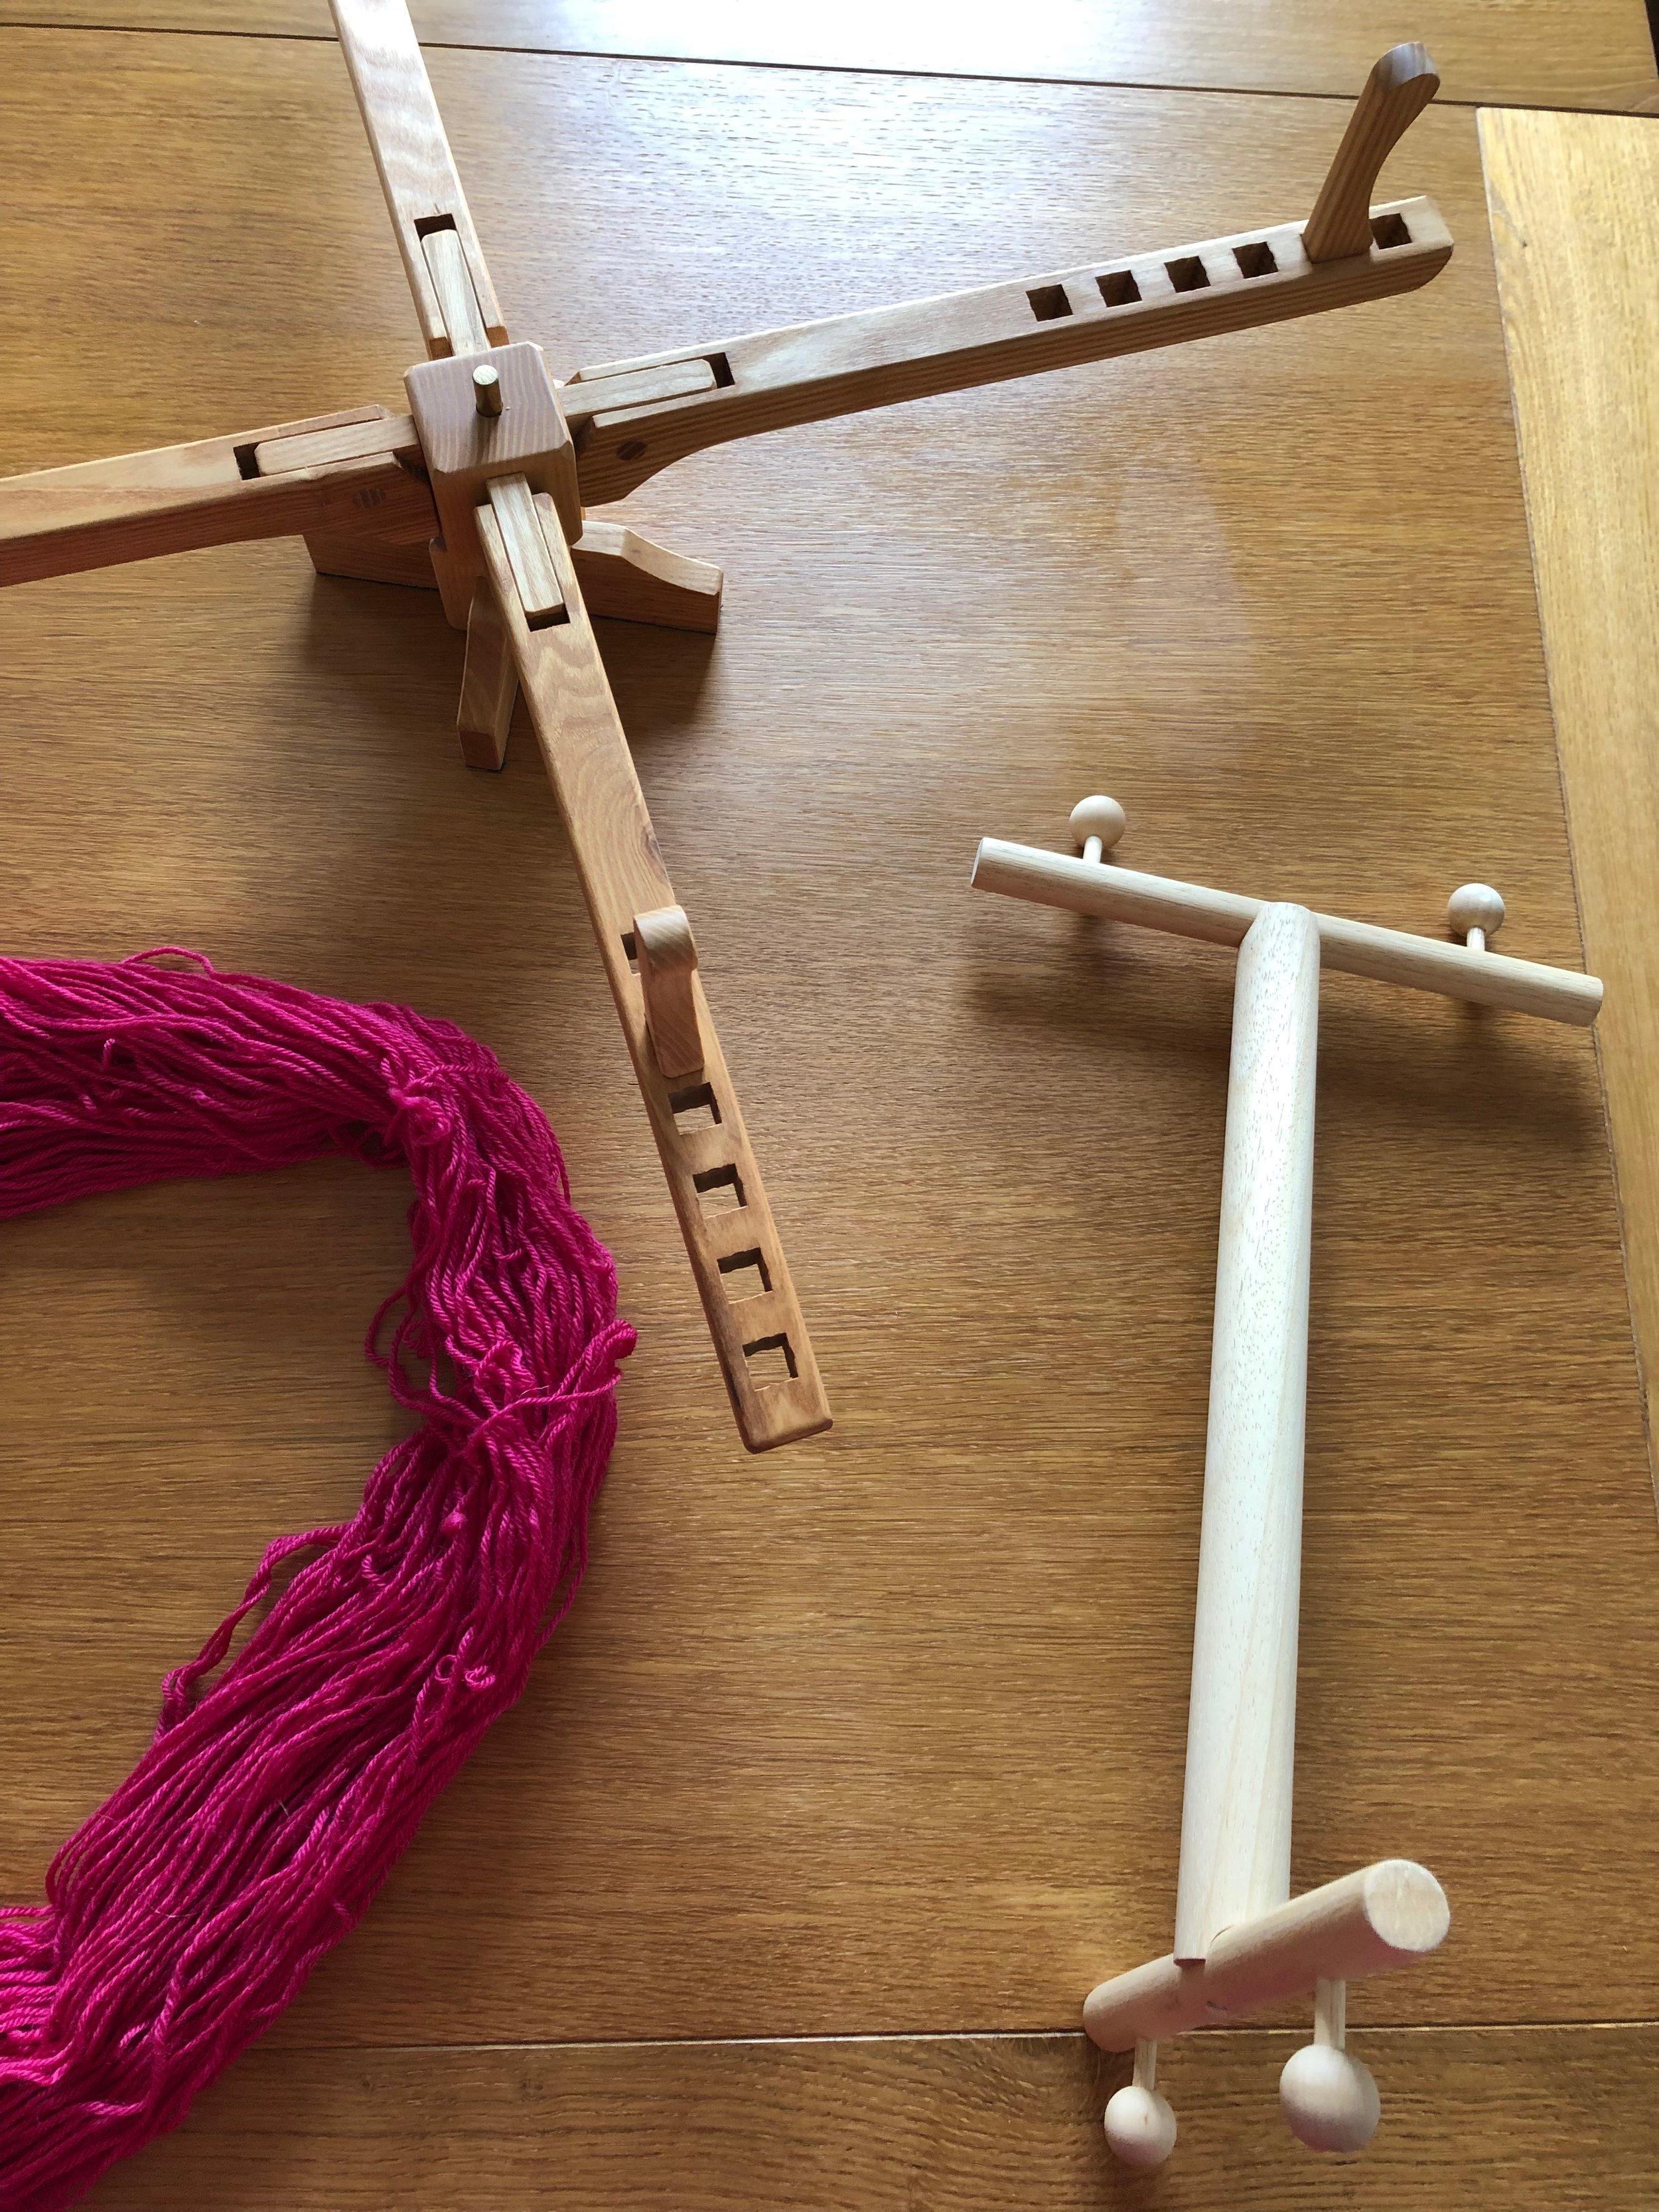 Yarn winding on a swift